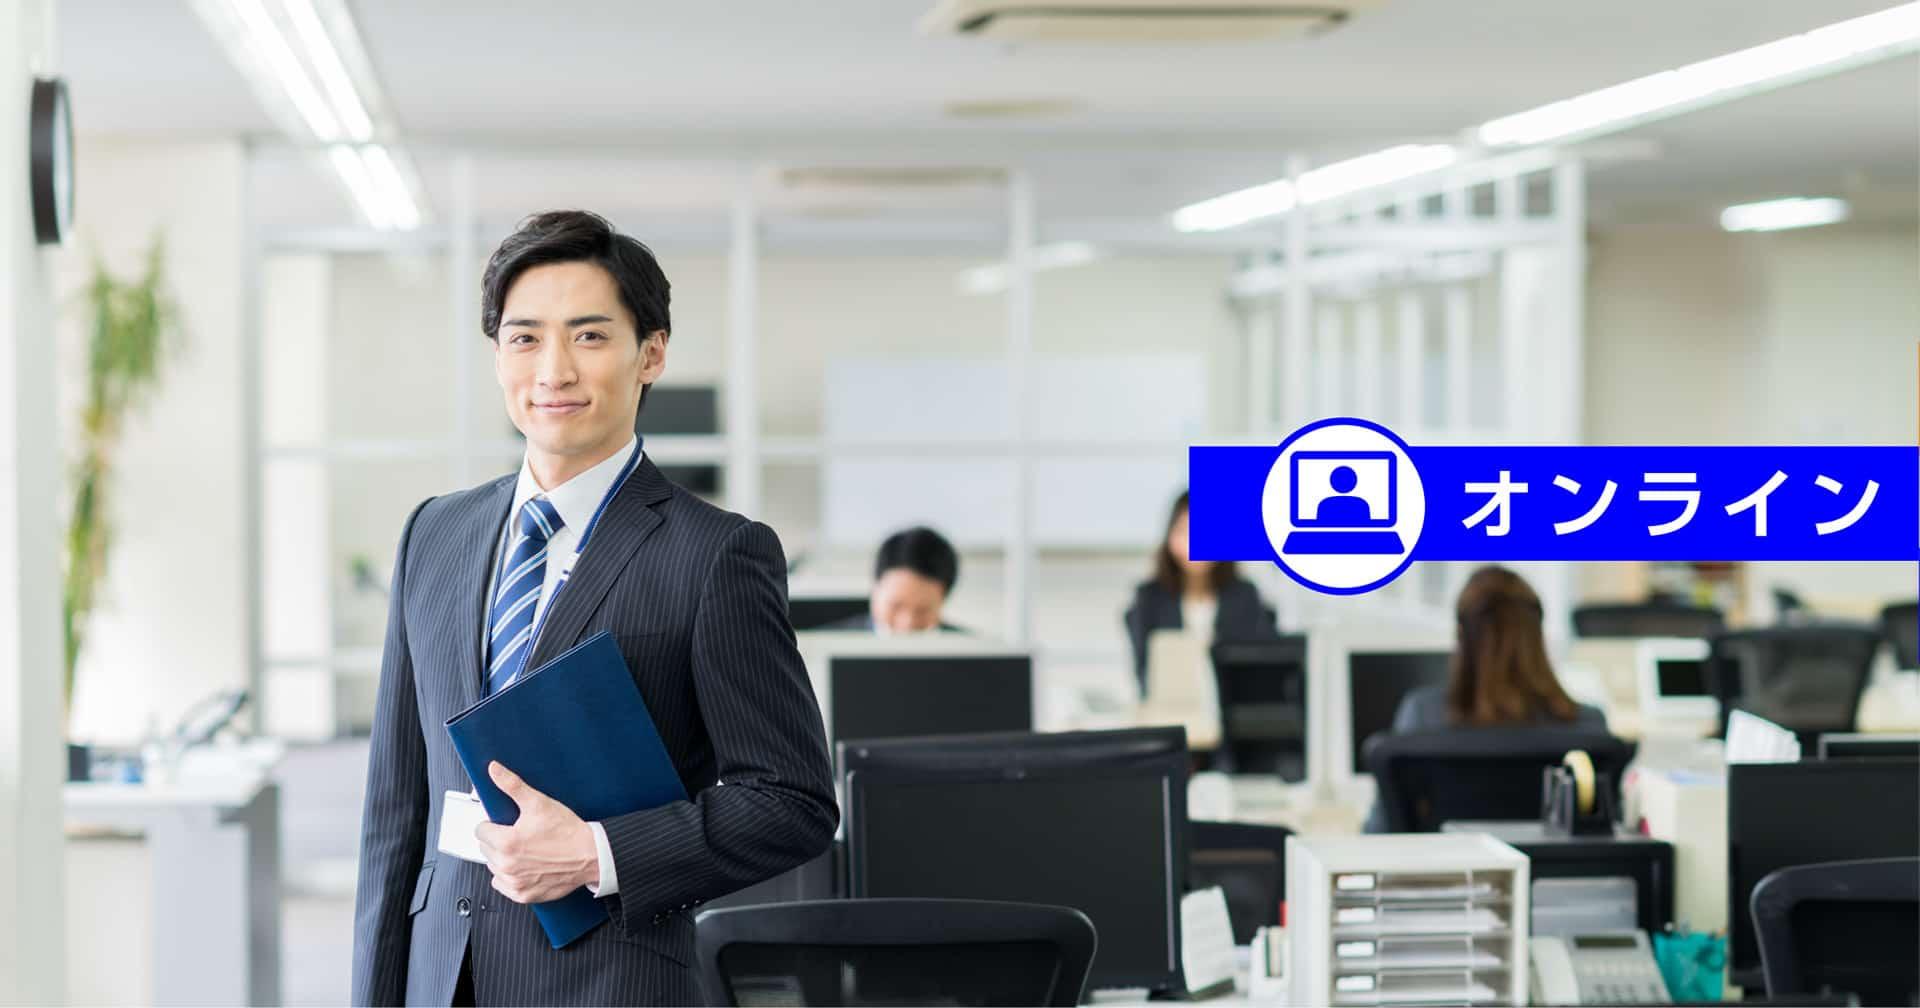 ロジカル・プレゼンテーション入門研修